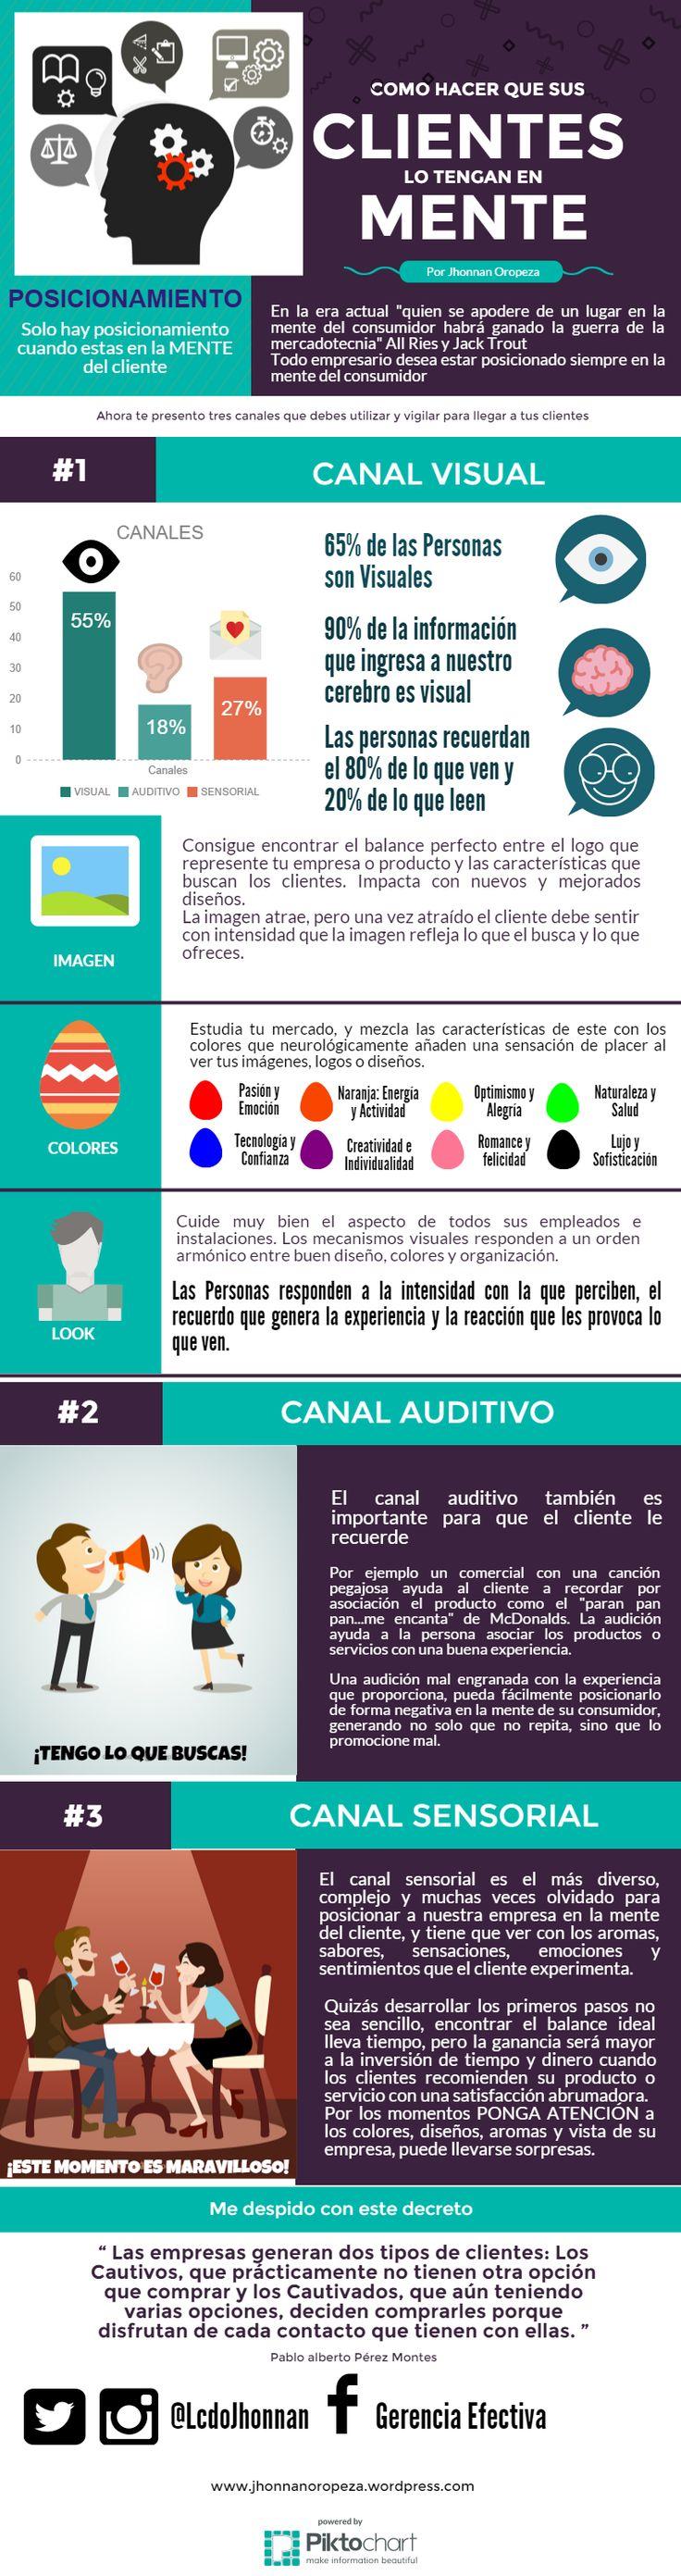 Cómo hacer que los clientes te tengan en su mente #infografia #infographic #marketing – TICs y Formación